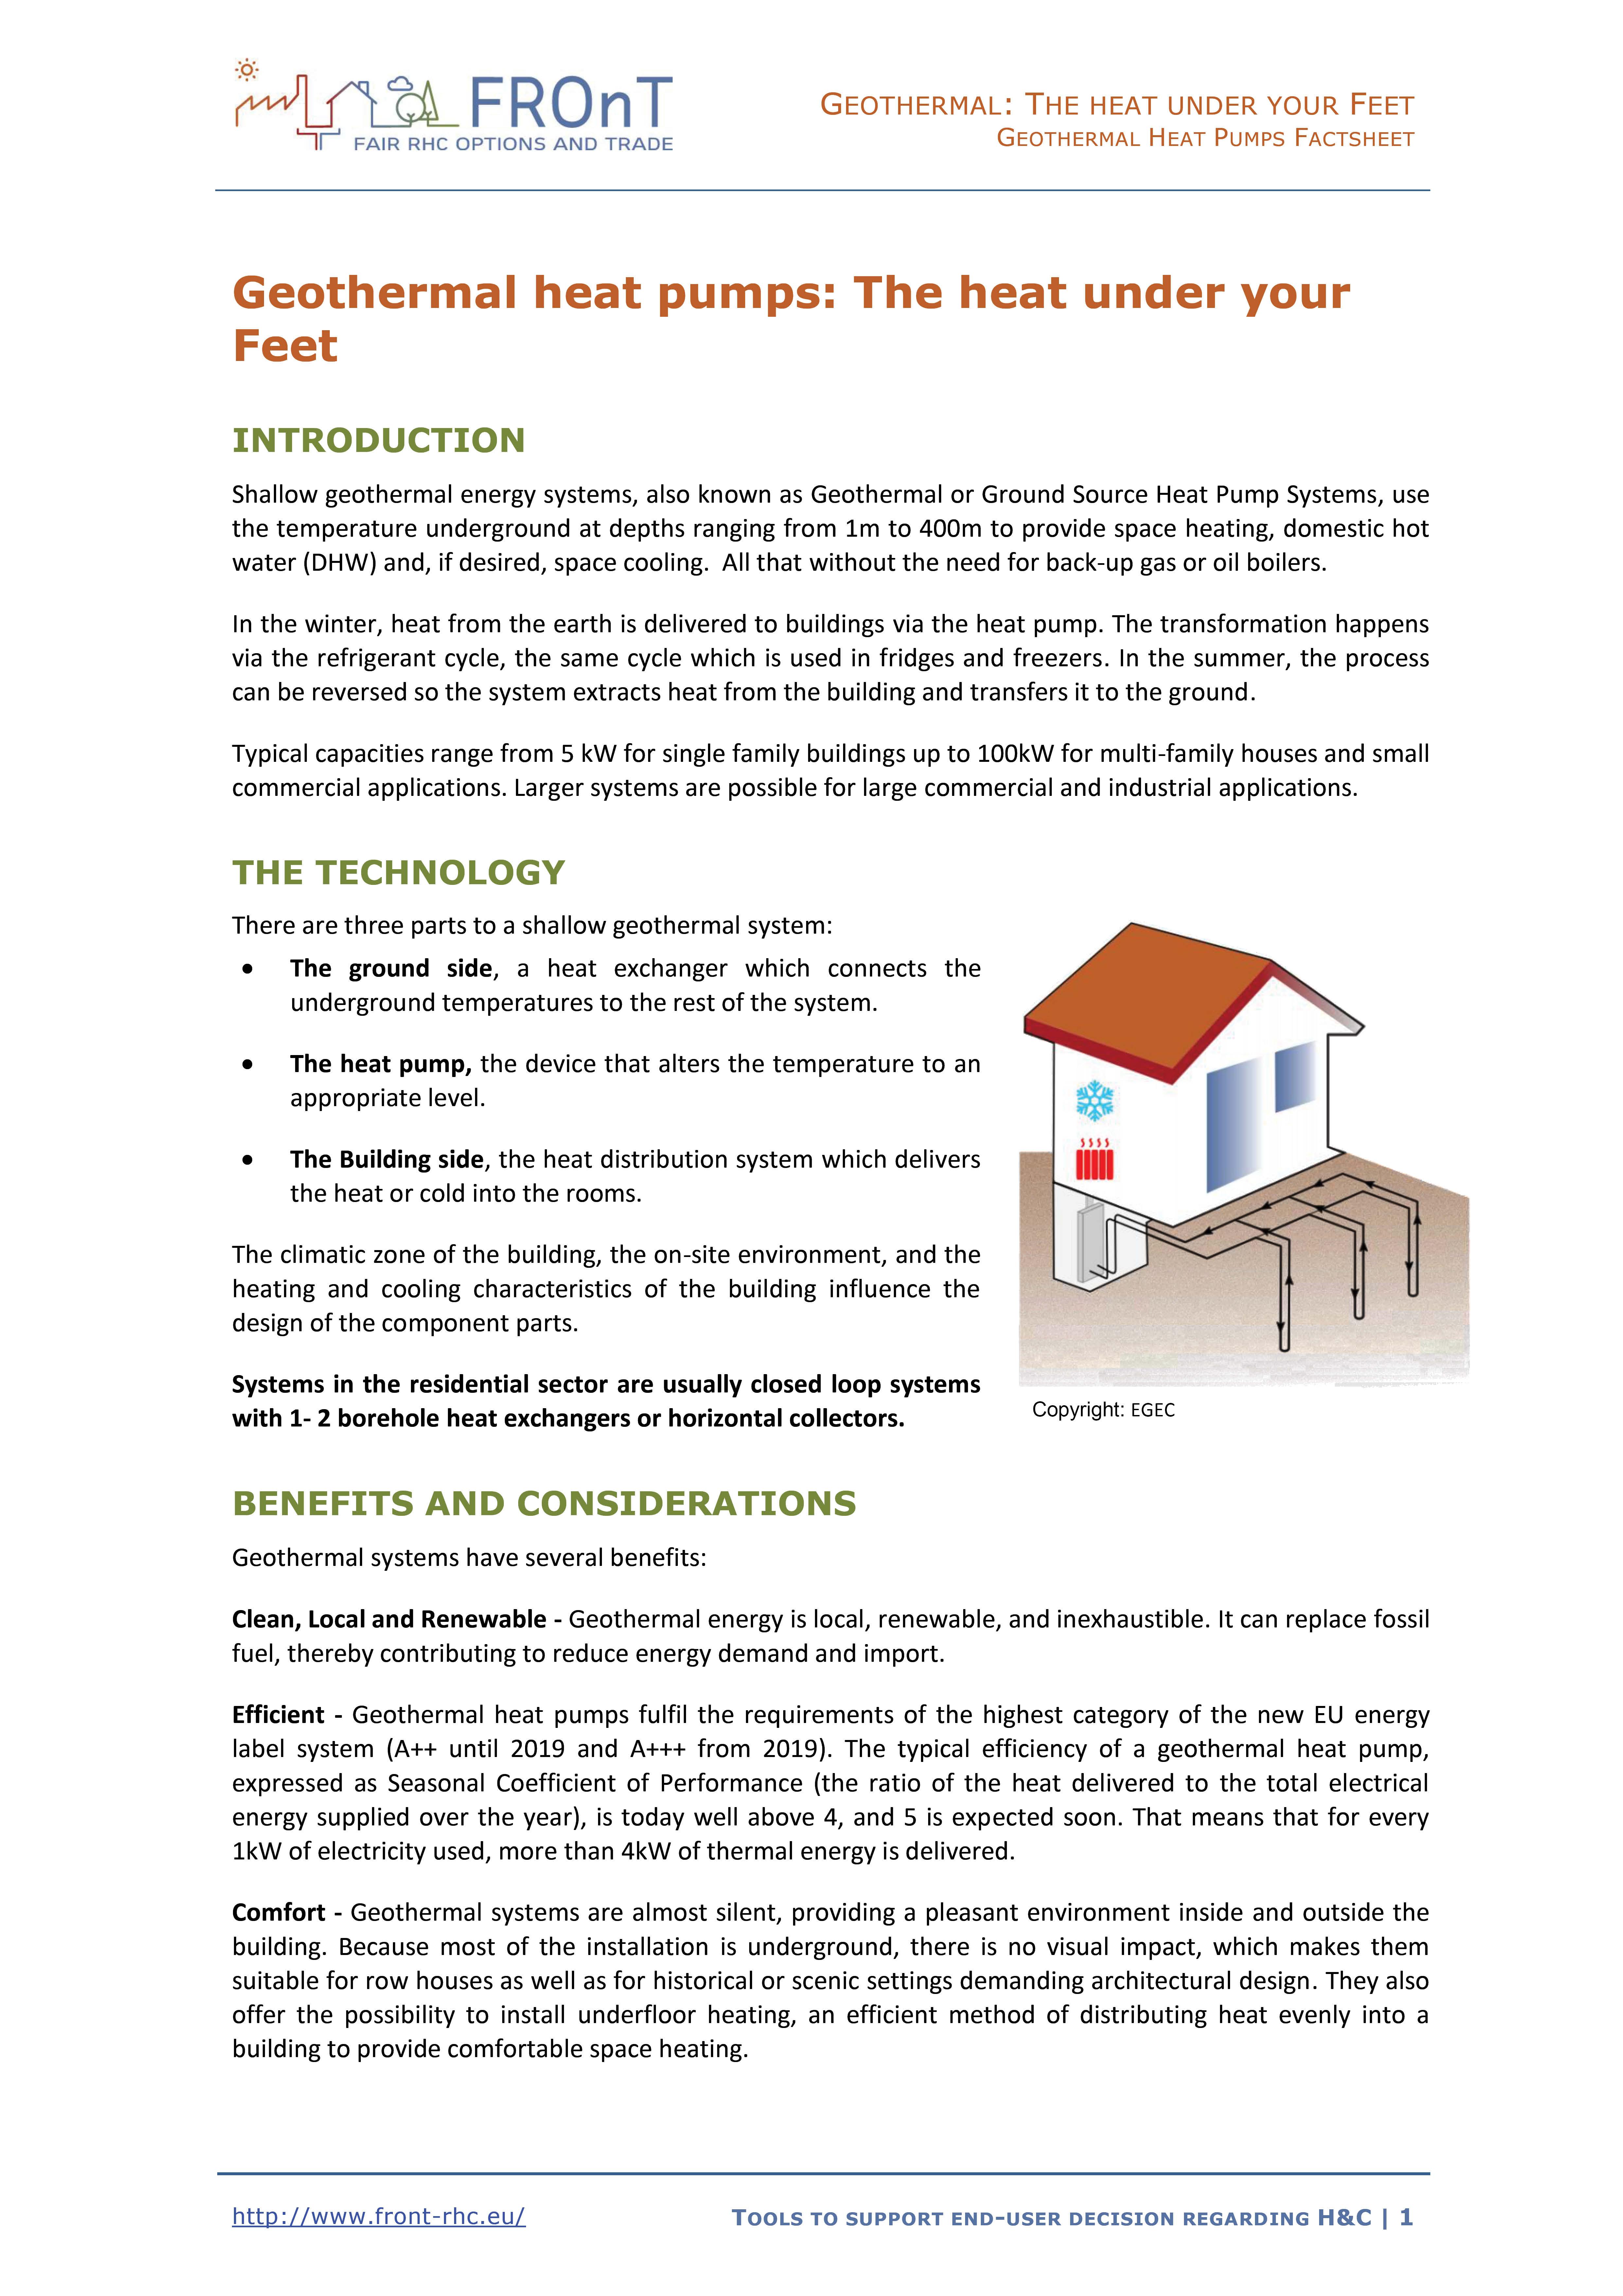 factsheet-image-geothermal